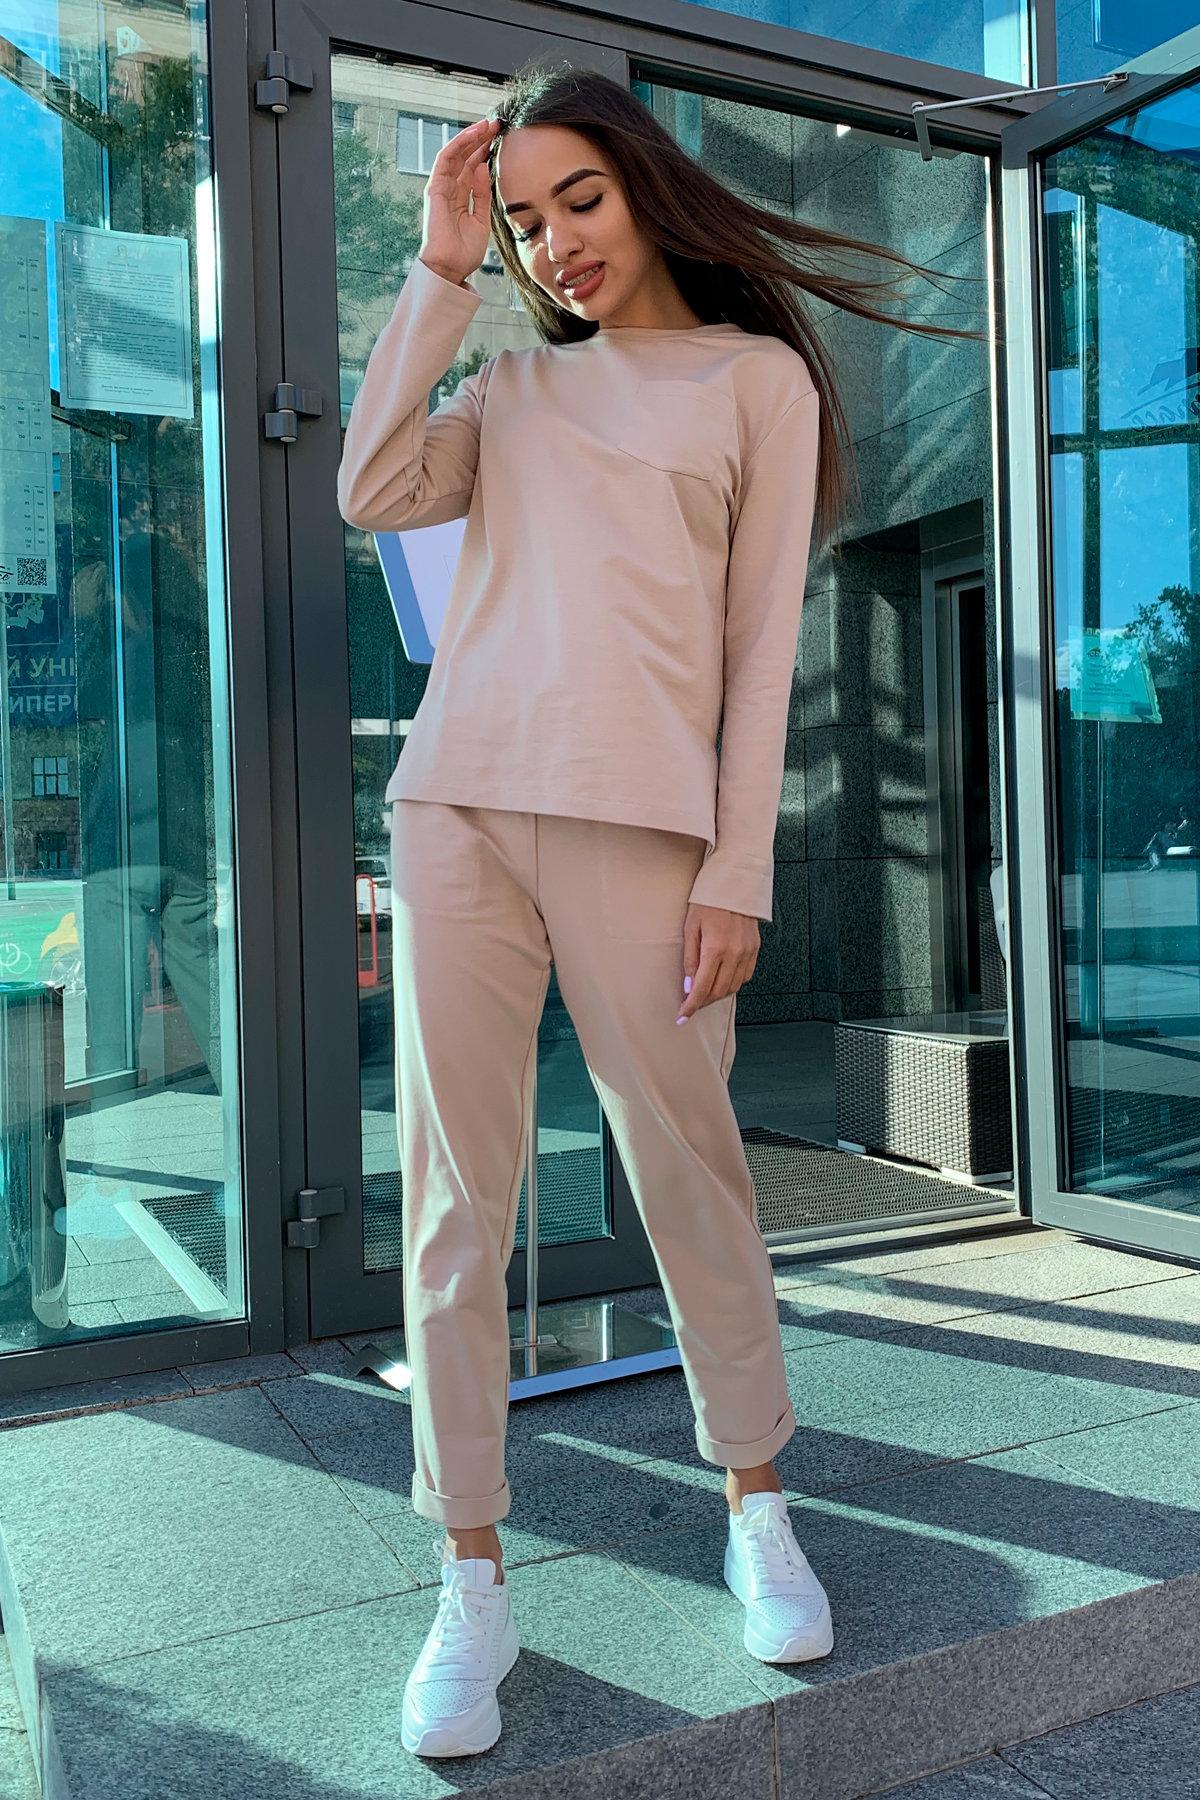 Женская одежда от производителя Modus Мови  прогулочный костюм из трикотажа двунитка  9546